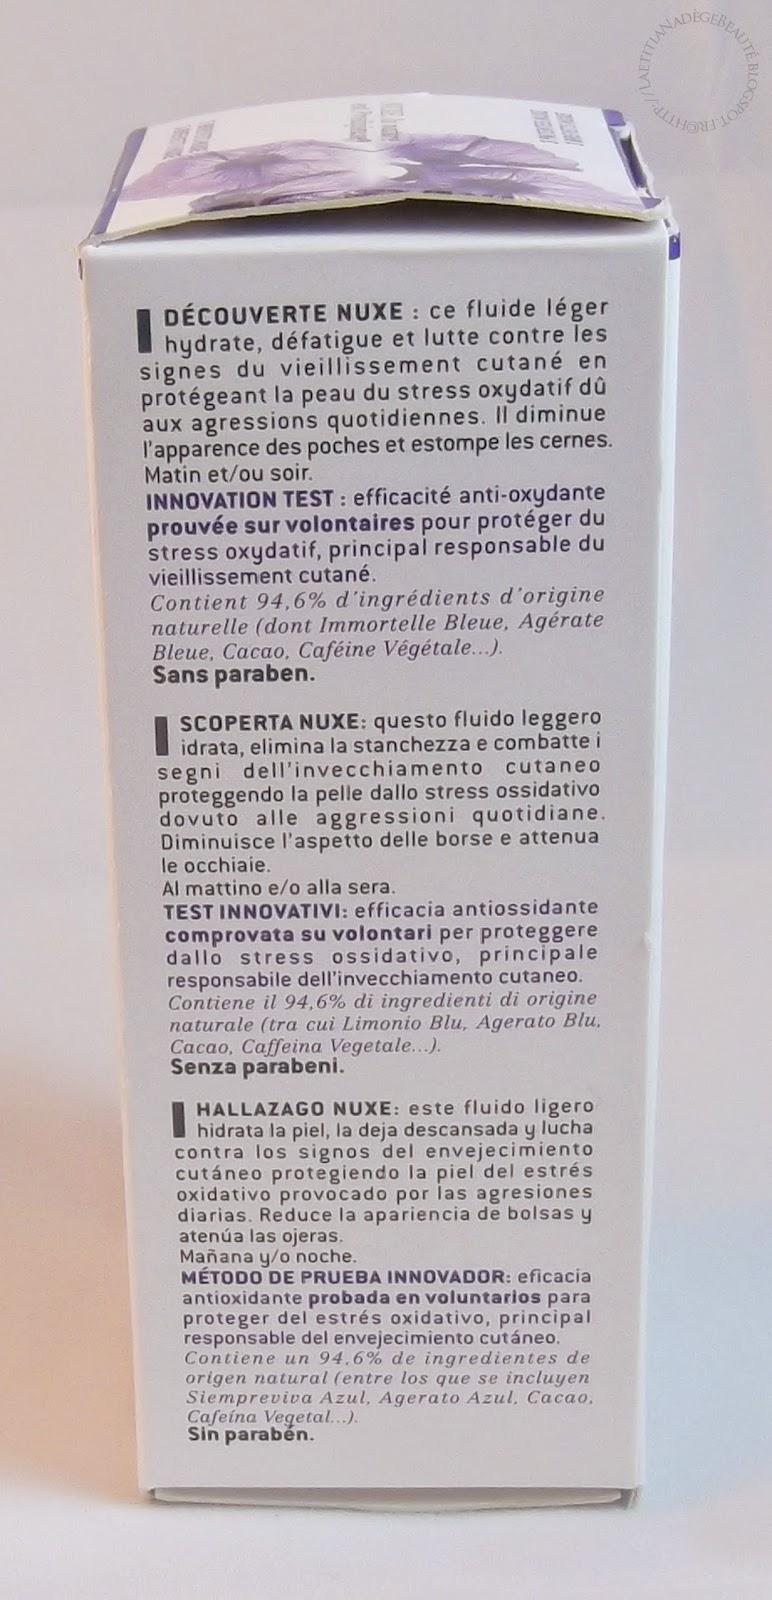 NUXE PARIS  Contour des Yeux Prodigieux Anti-Age Anti-Poches